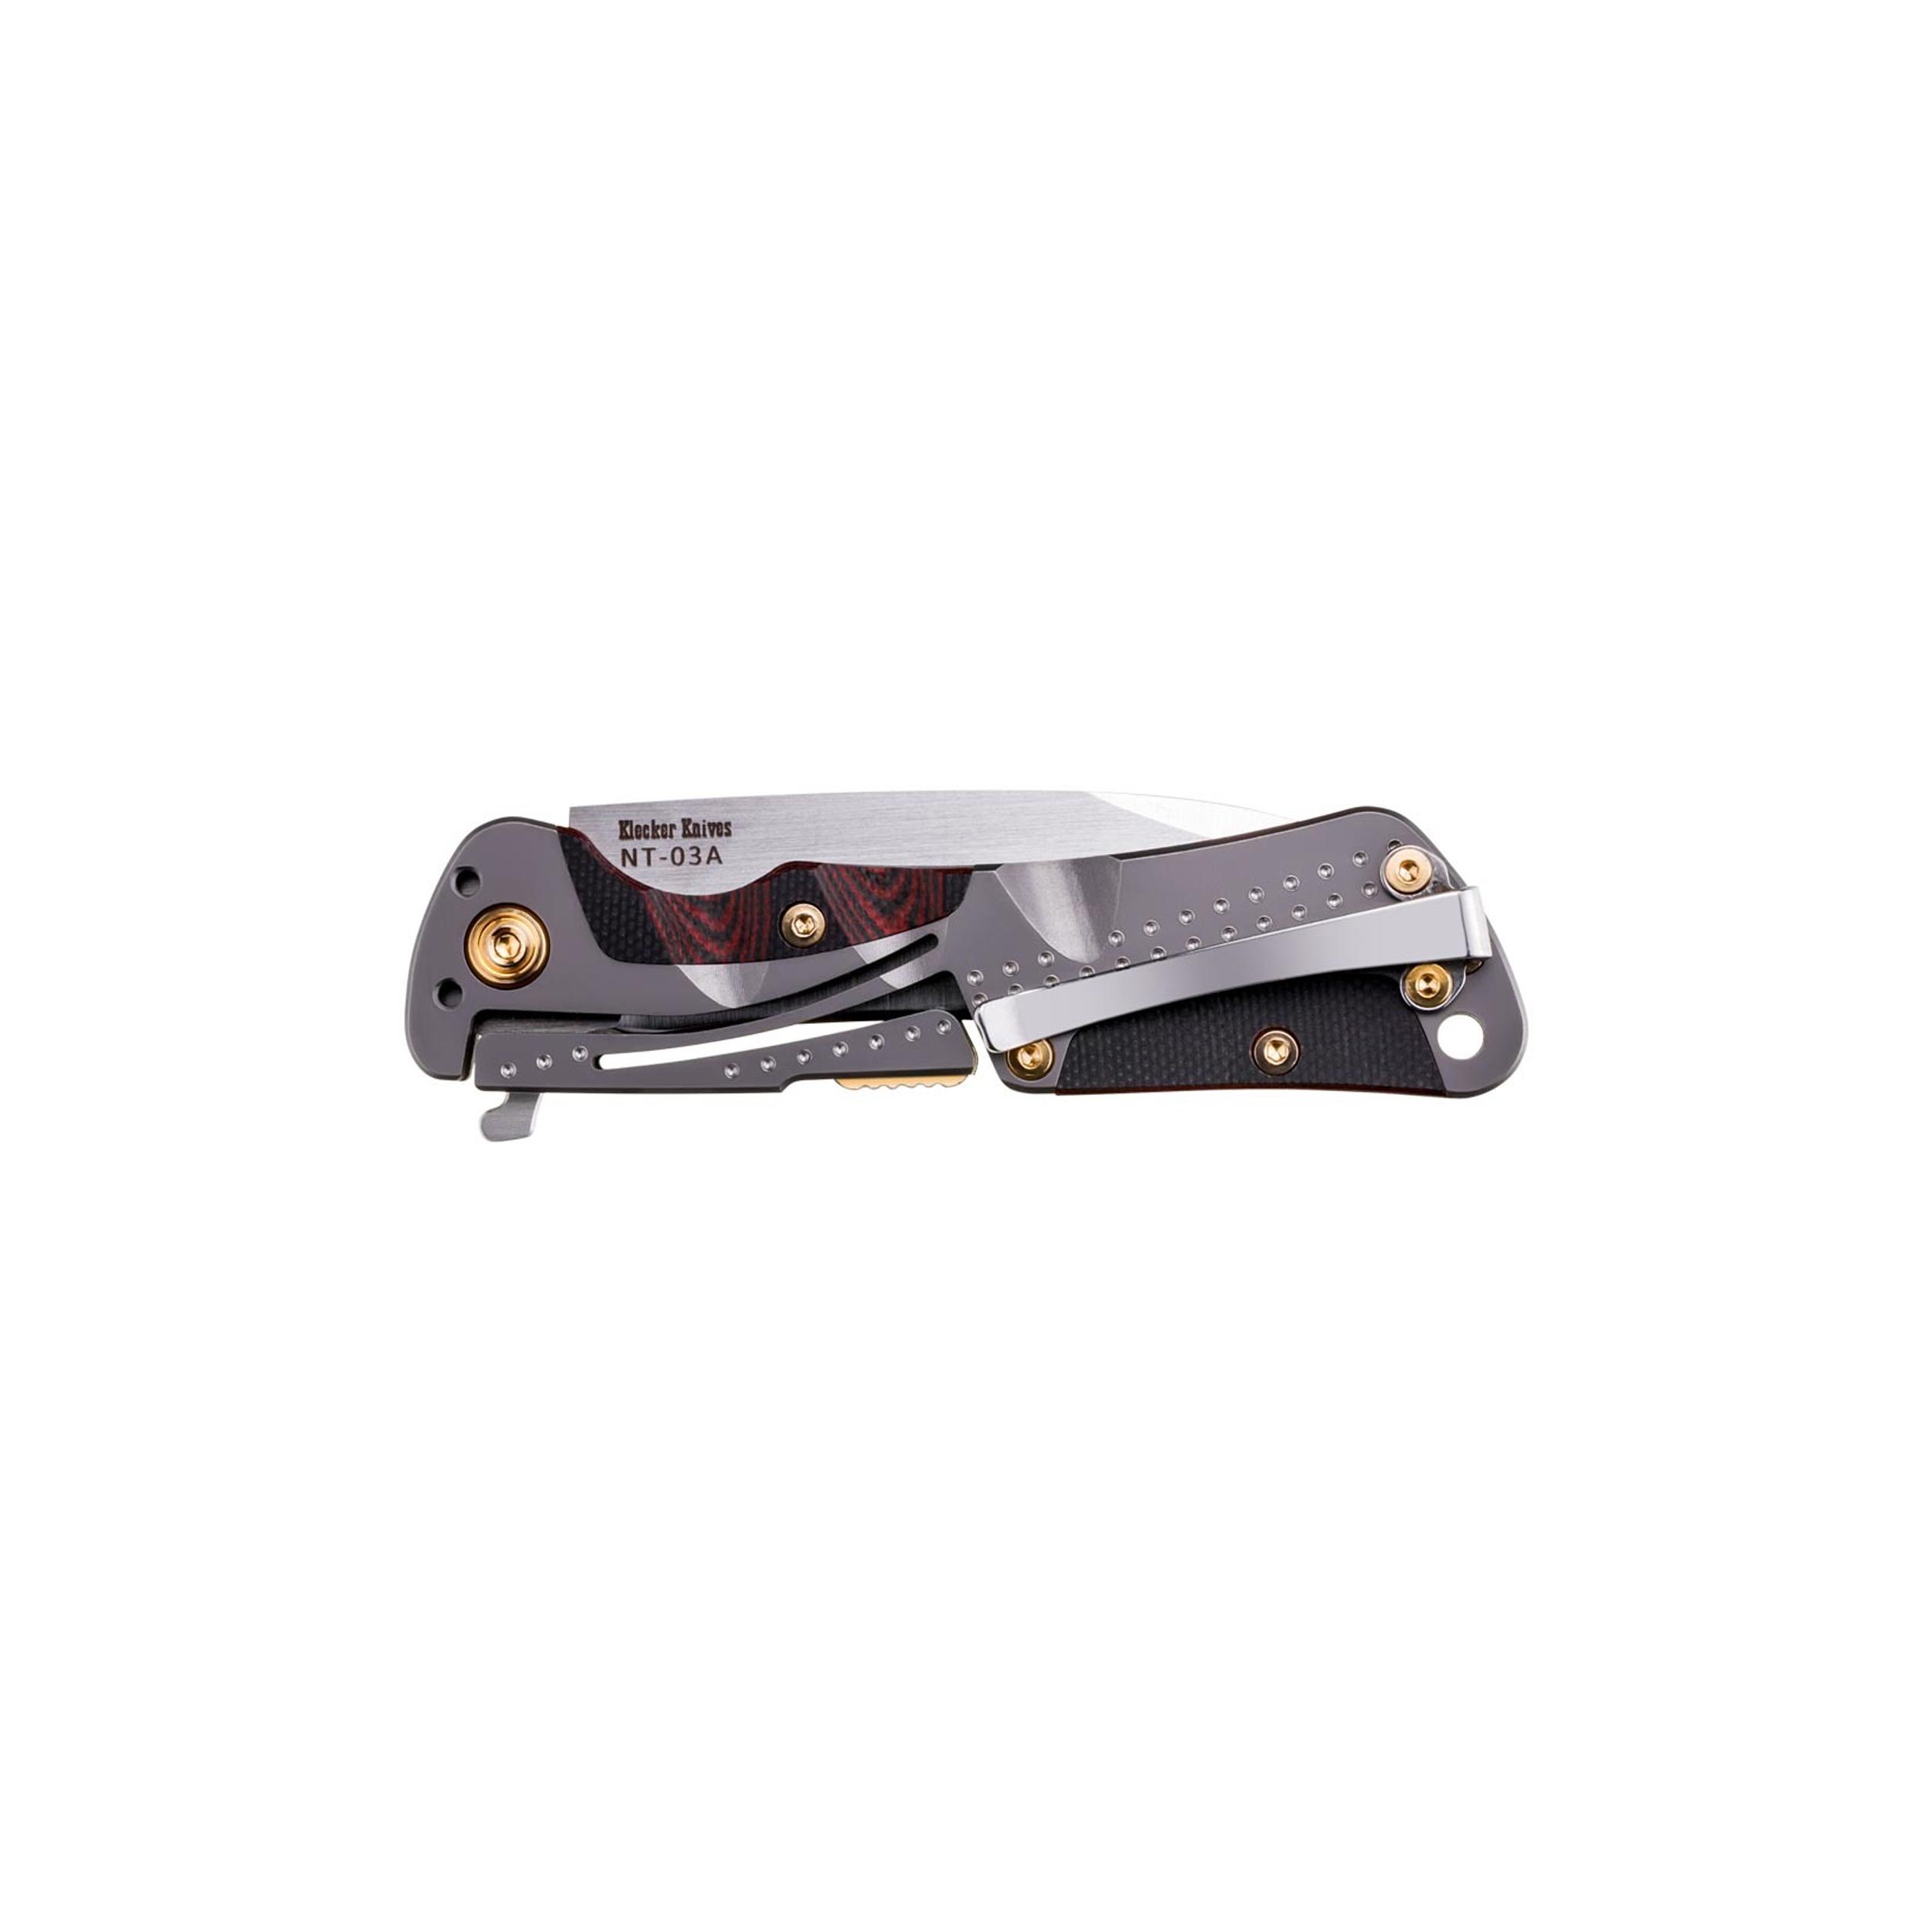 Klecker-Knives-Cordovan-Lite-Folding-Knife-2-88-034-Blade-Stainless-Steel thumbnail 3